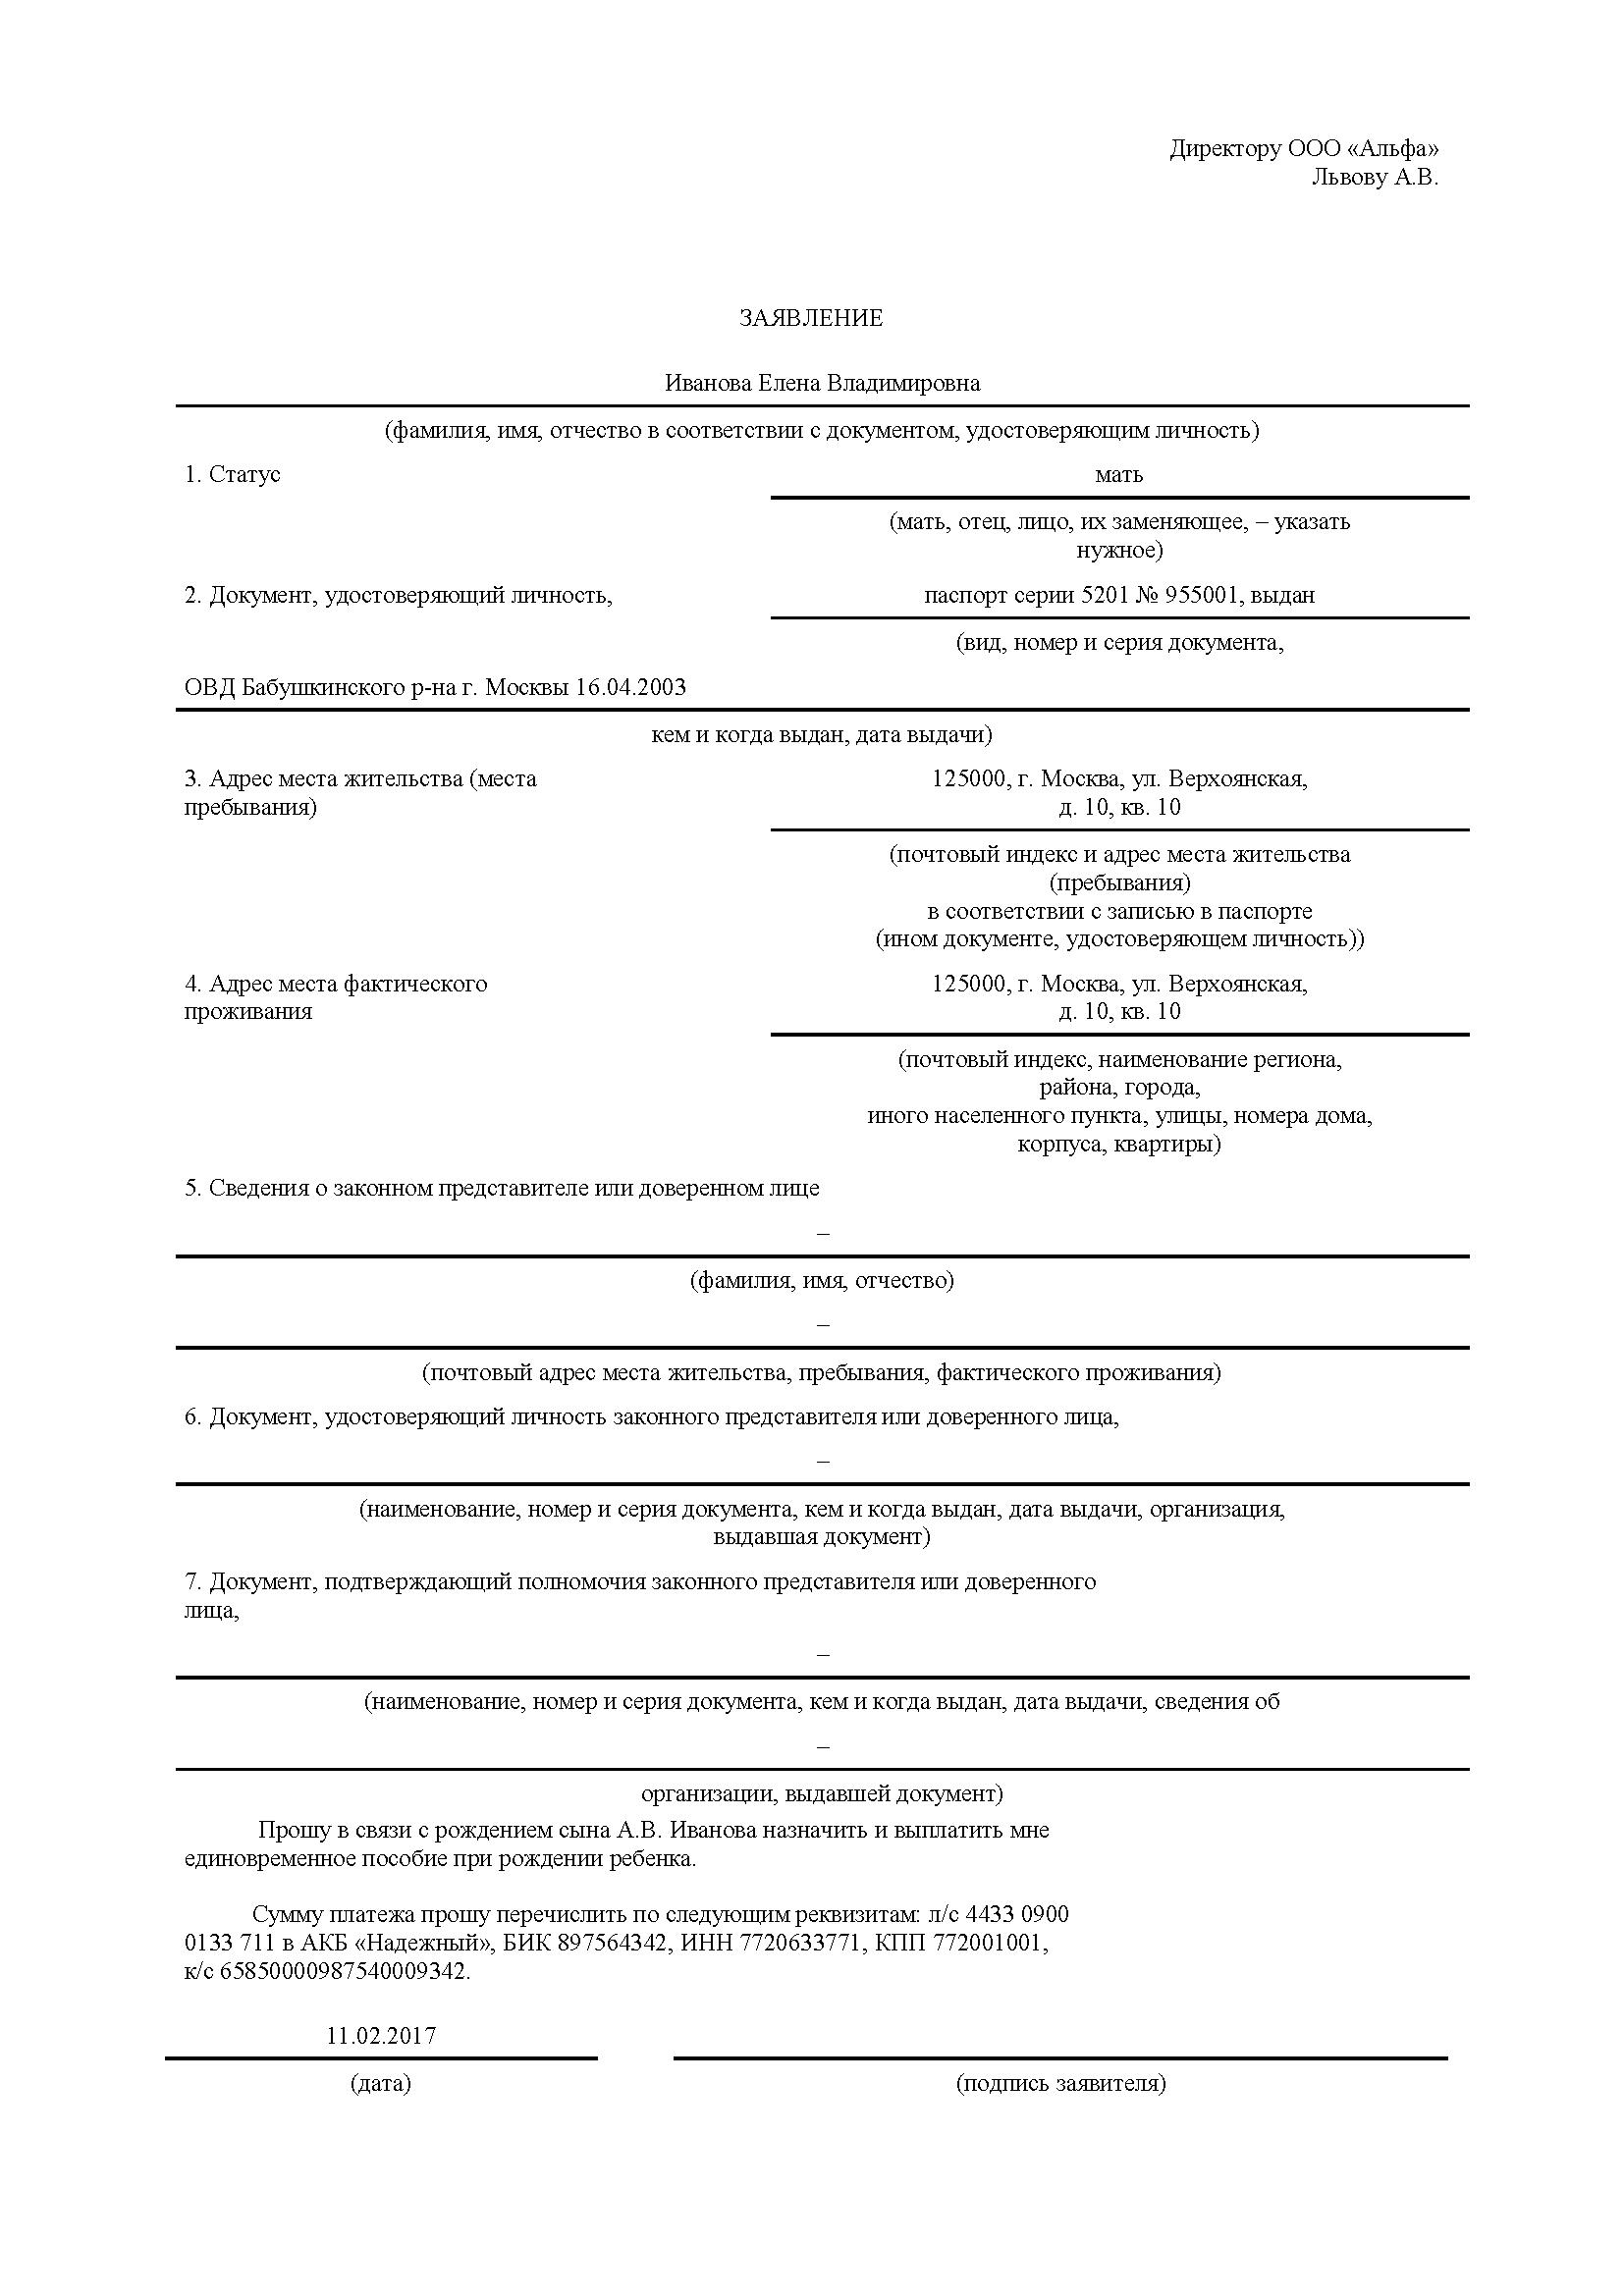 Ранняя постановка на учет по беременности 2017 сумма